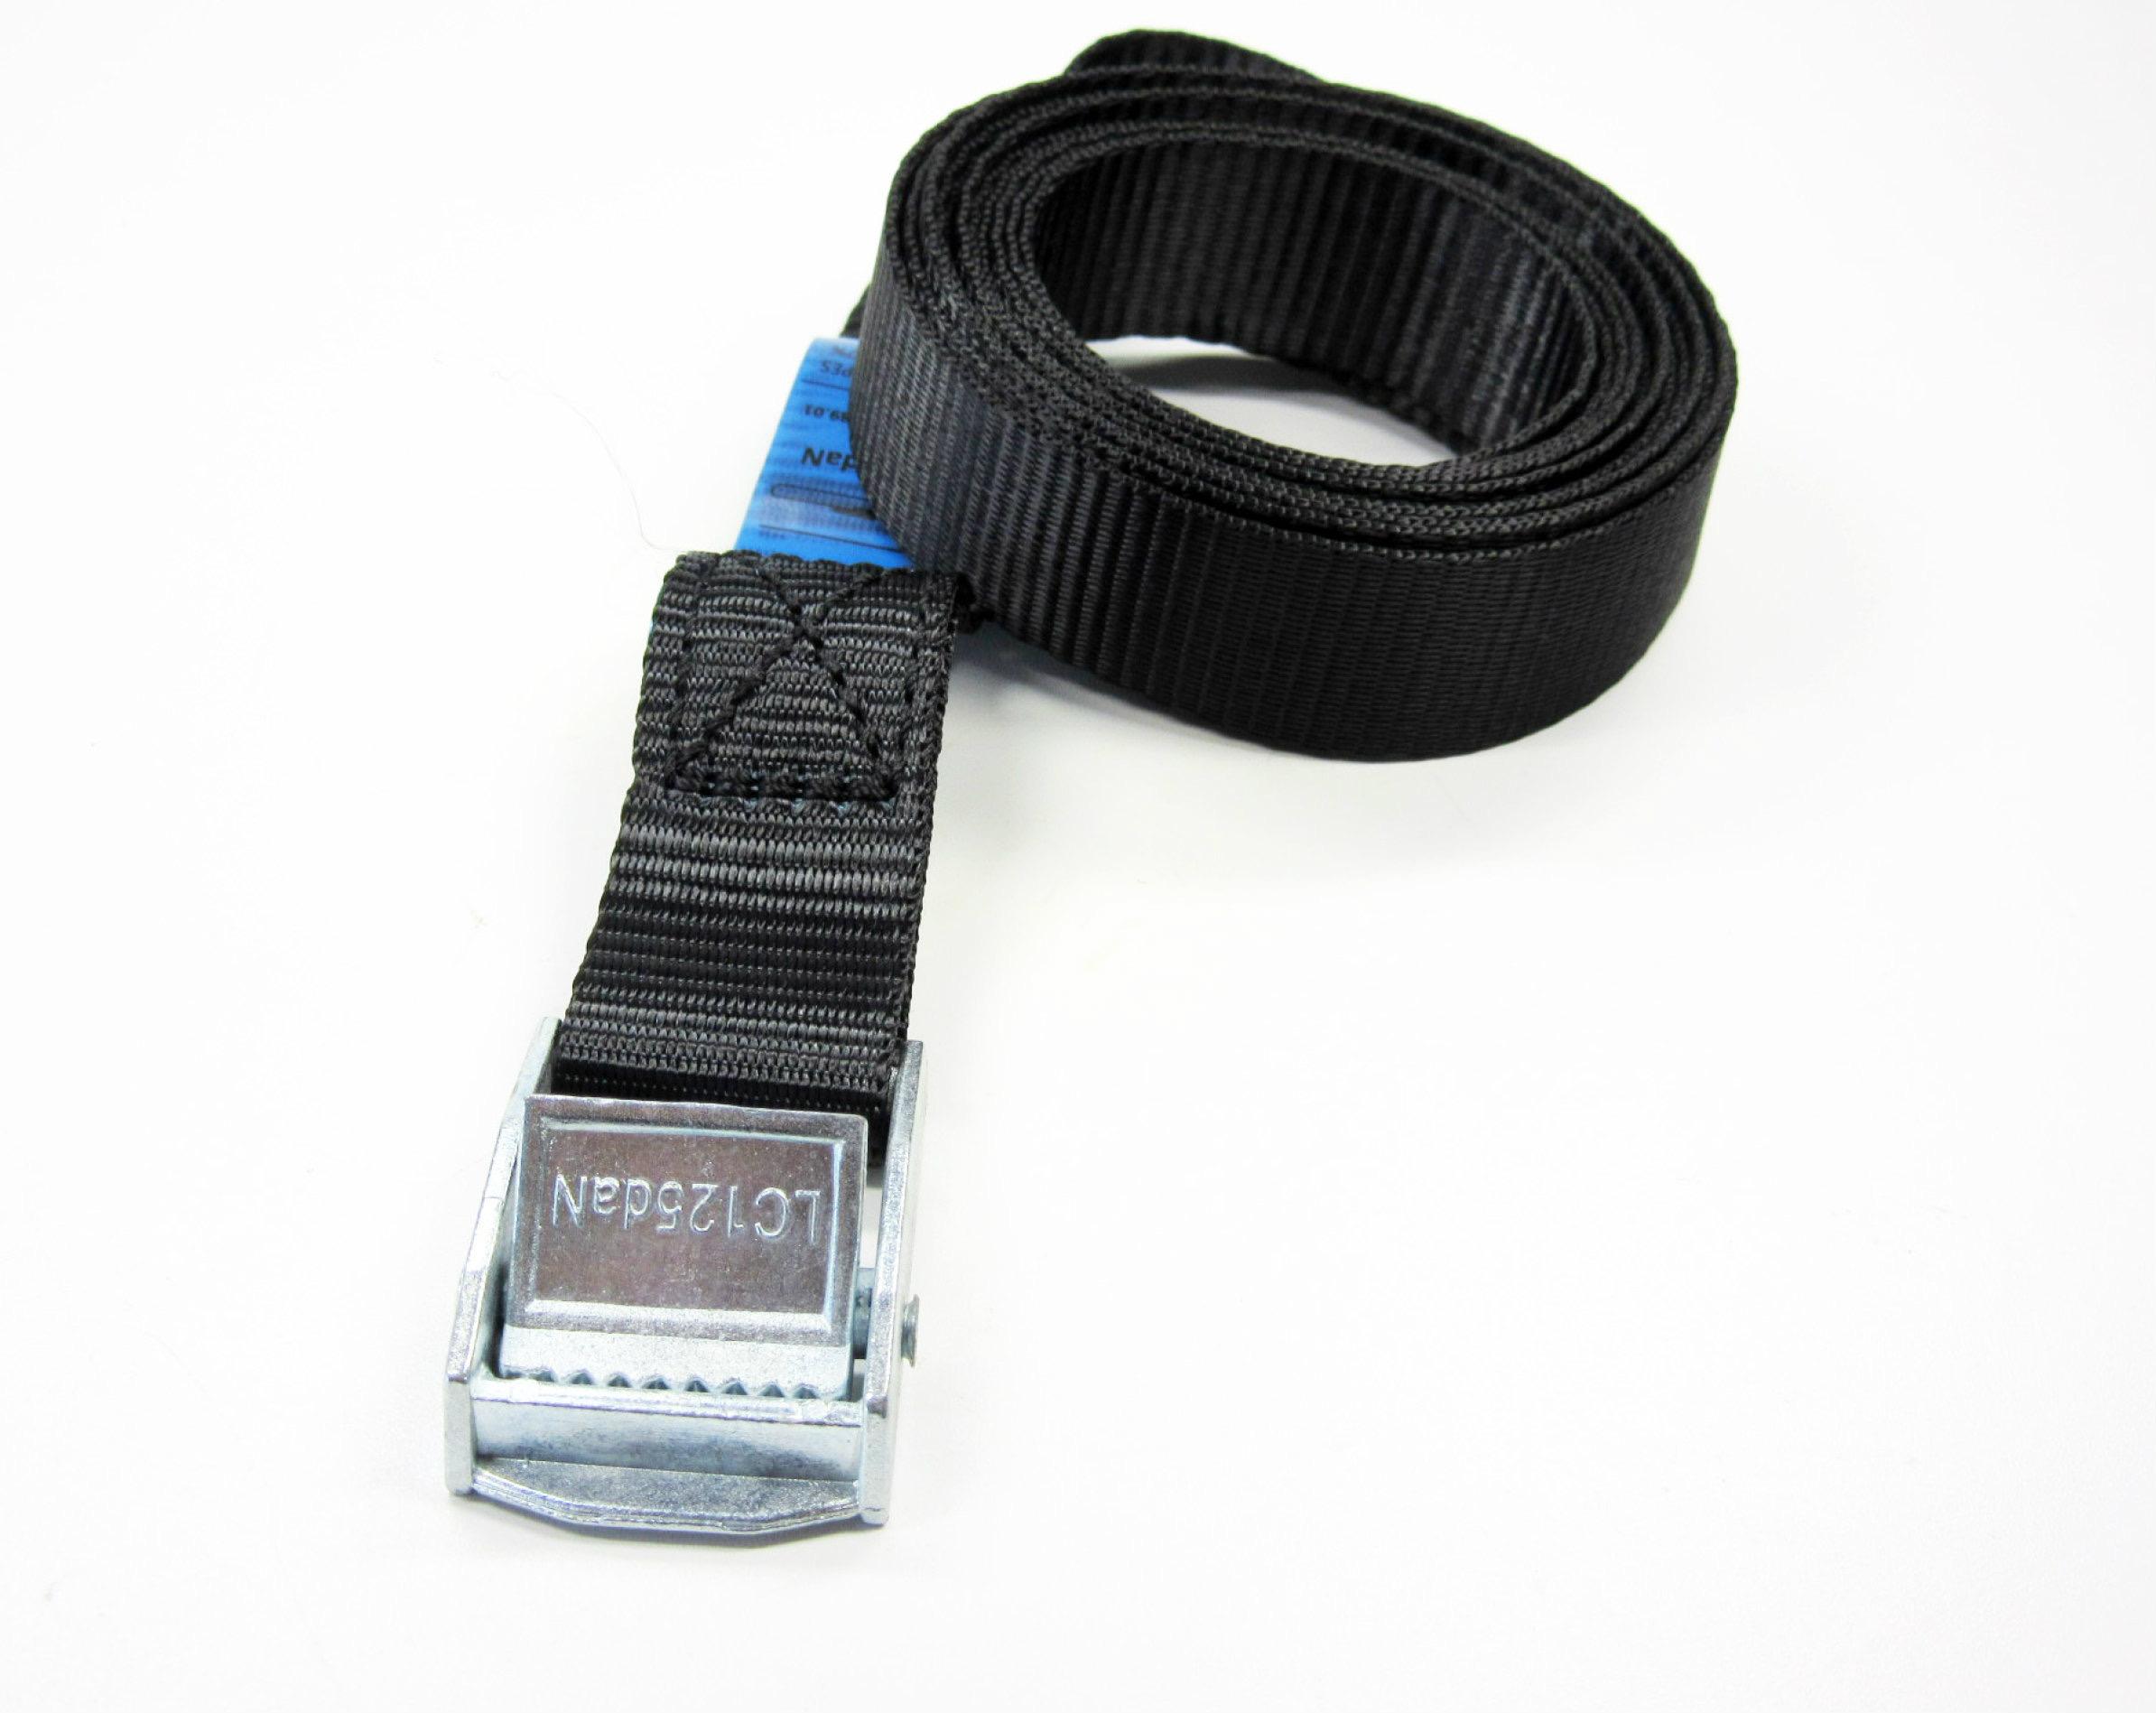 Zwarte spanbanden 4,5 meter 100 stuks